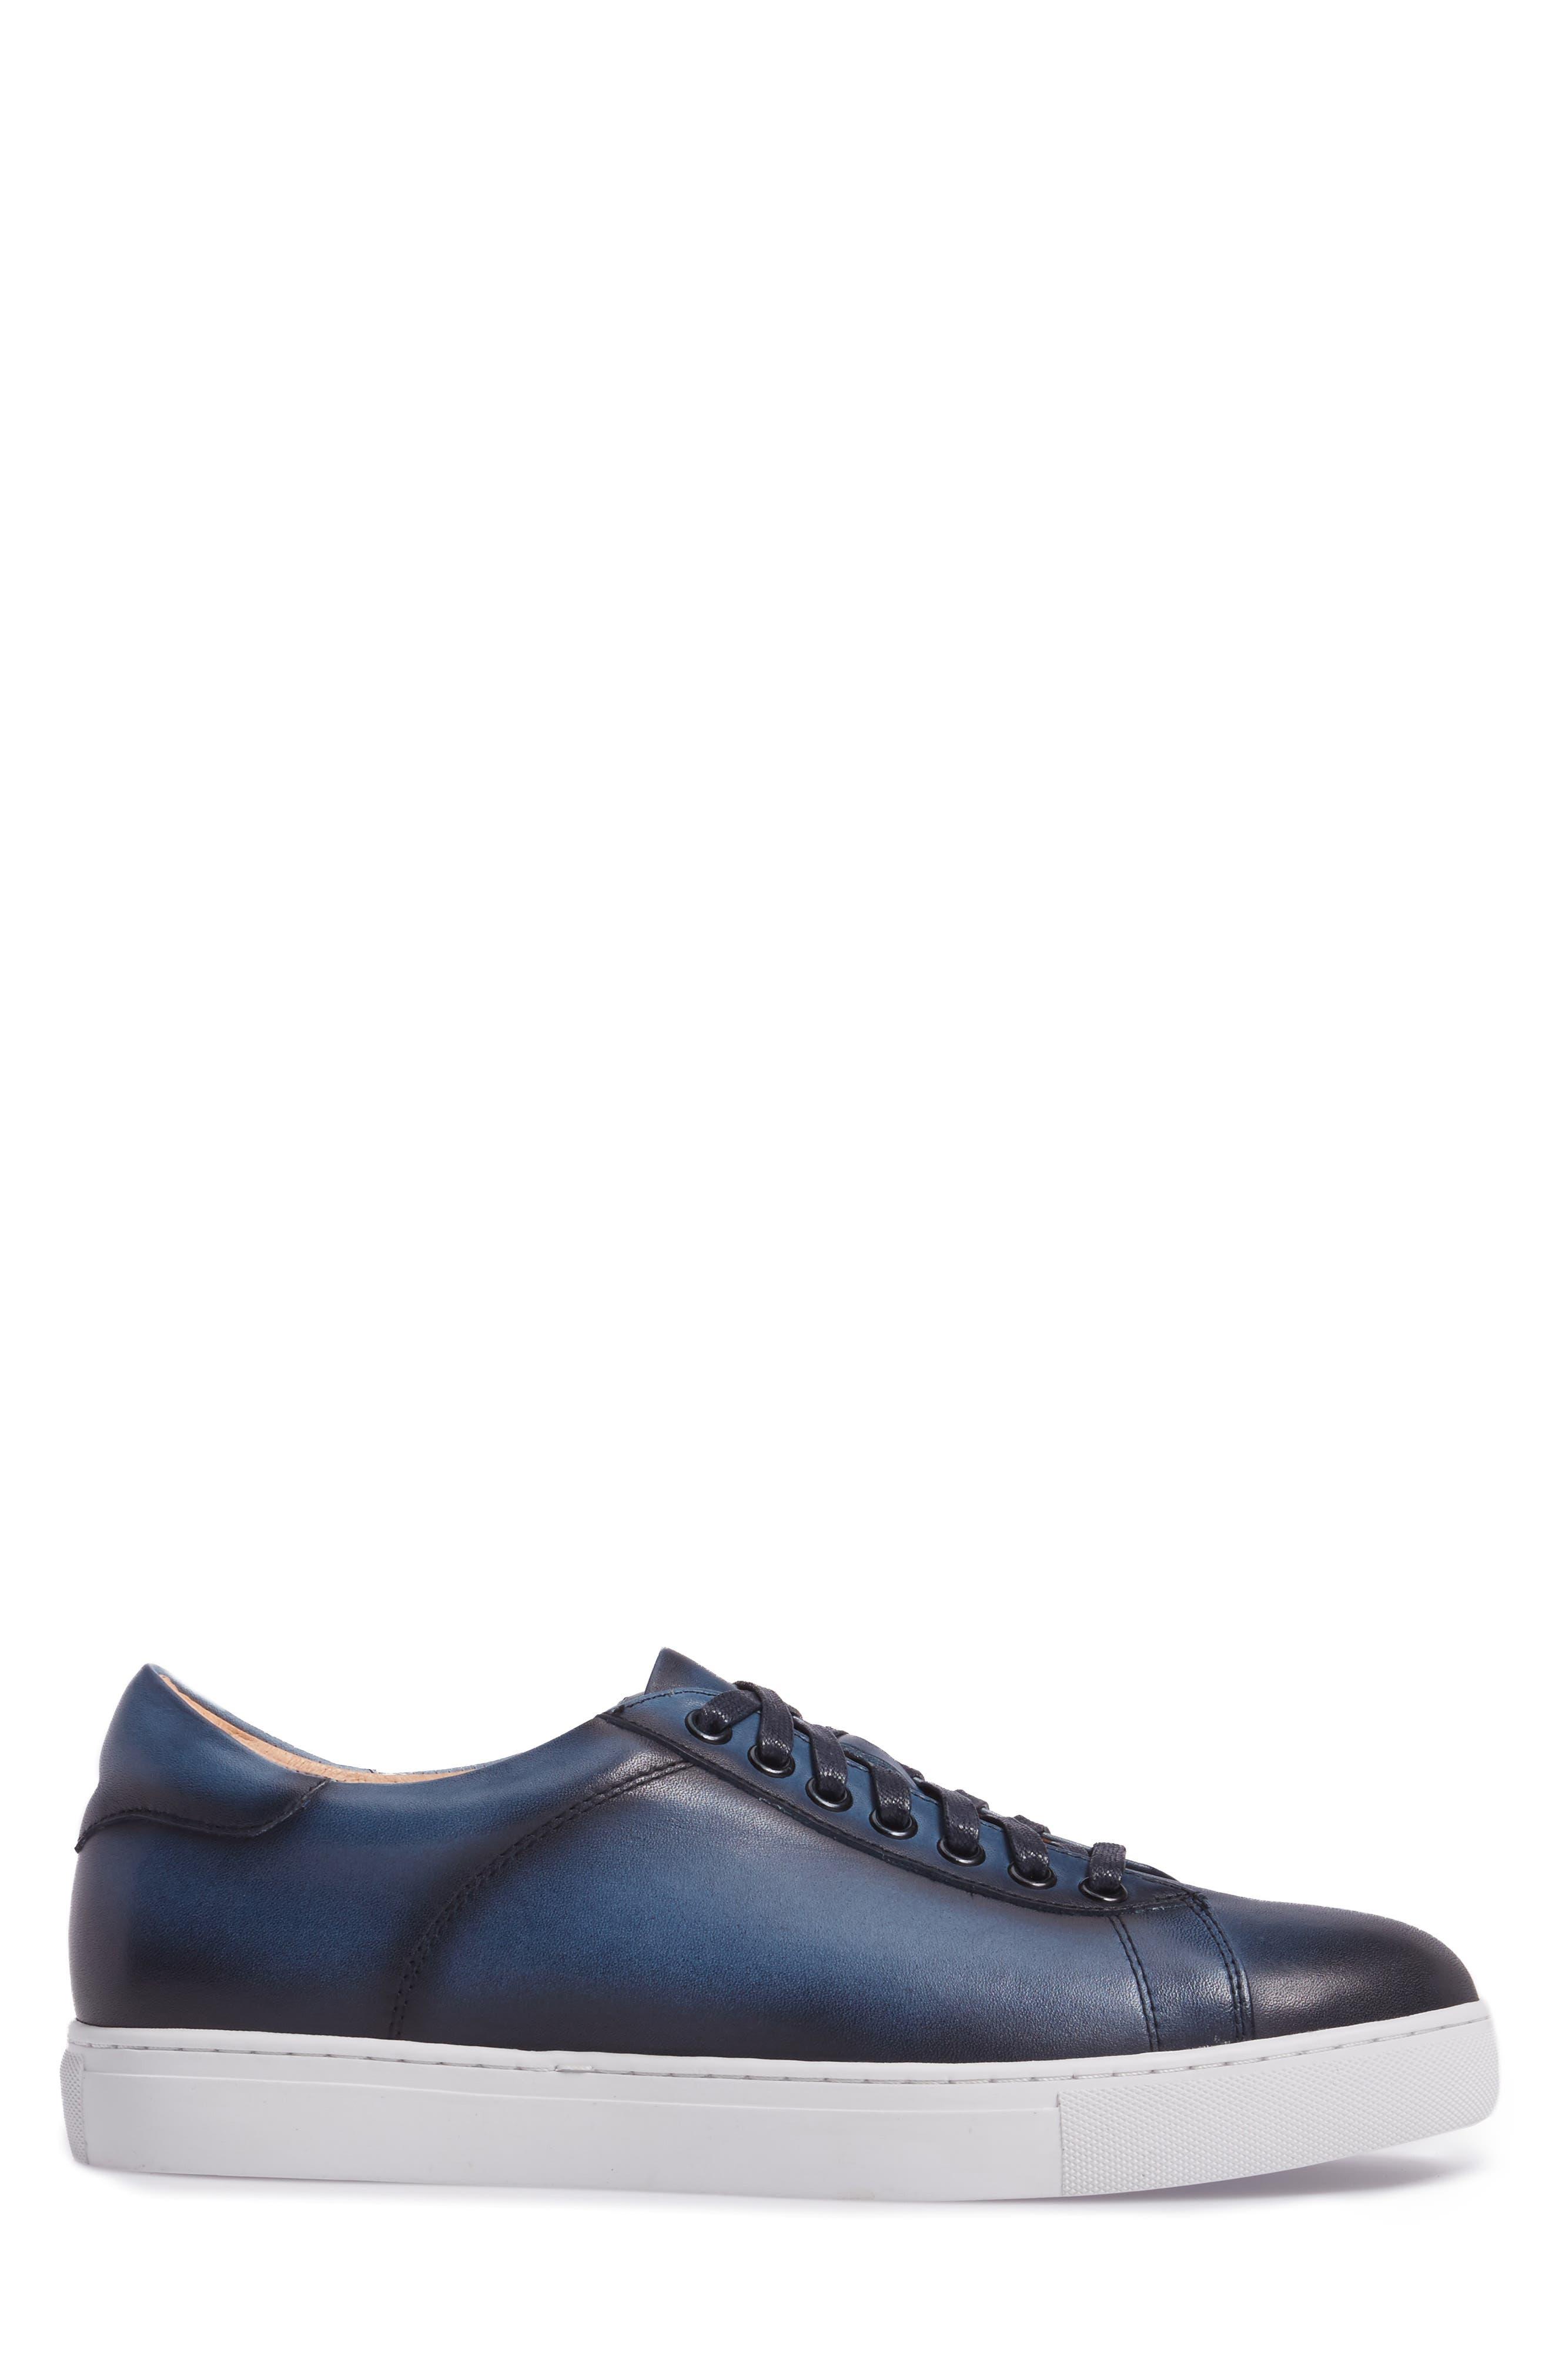 Penrose Sneaker,                             Alternate thumbnail 3, color,                             410